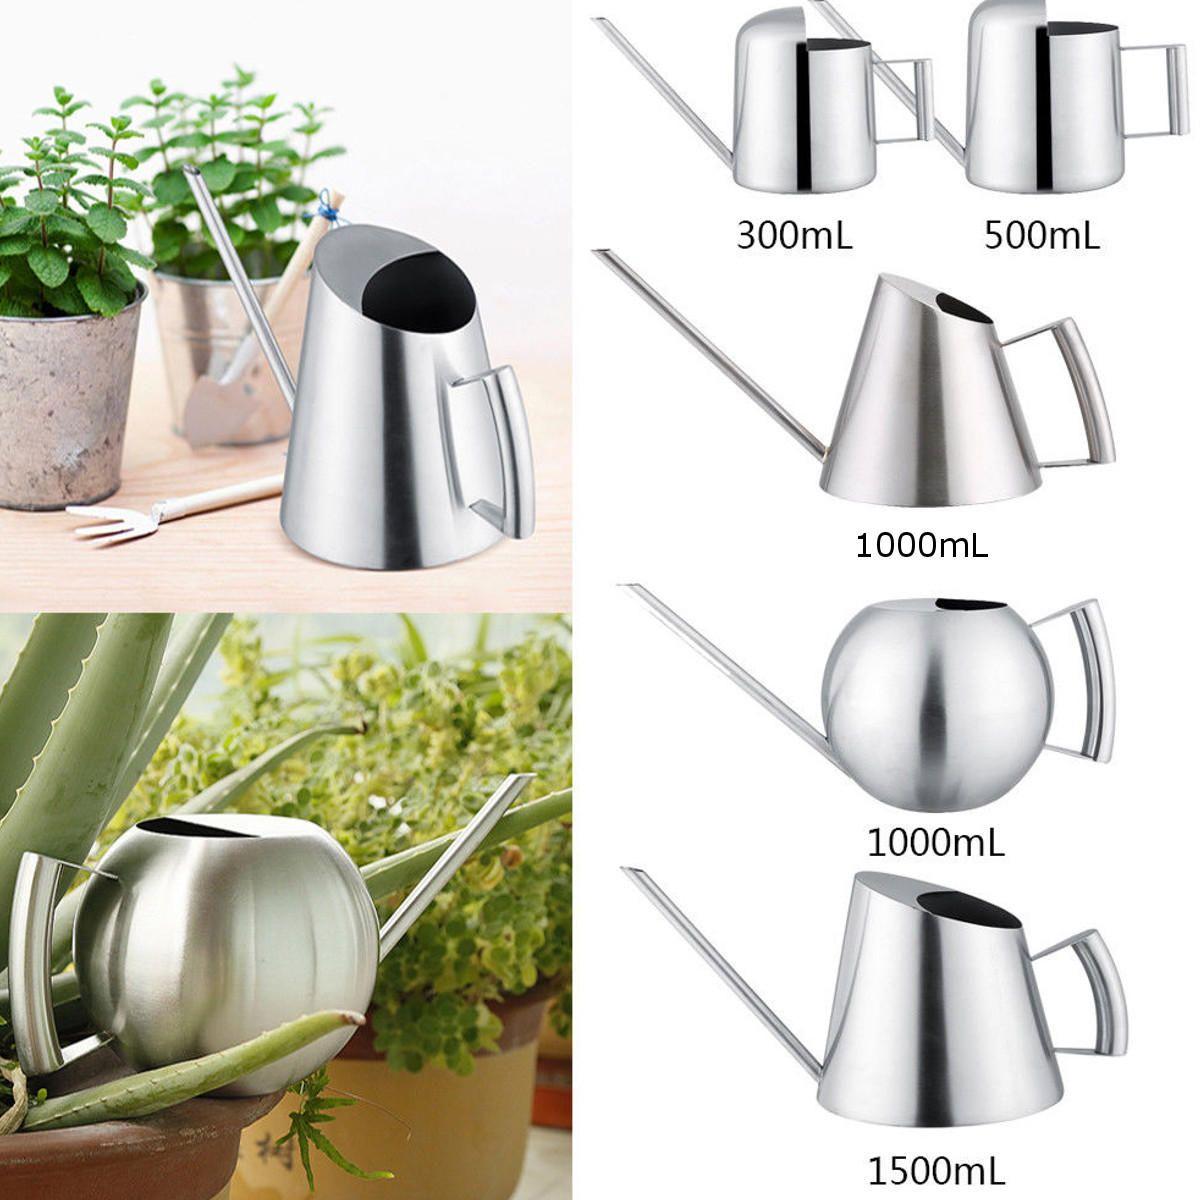 Small Stainless Steel Watering Can Indoor Outdoor Garden Plants Flowers